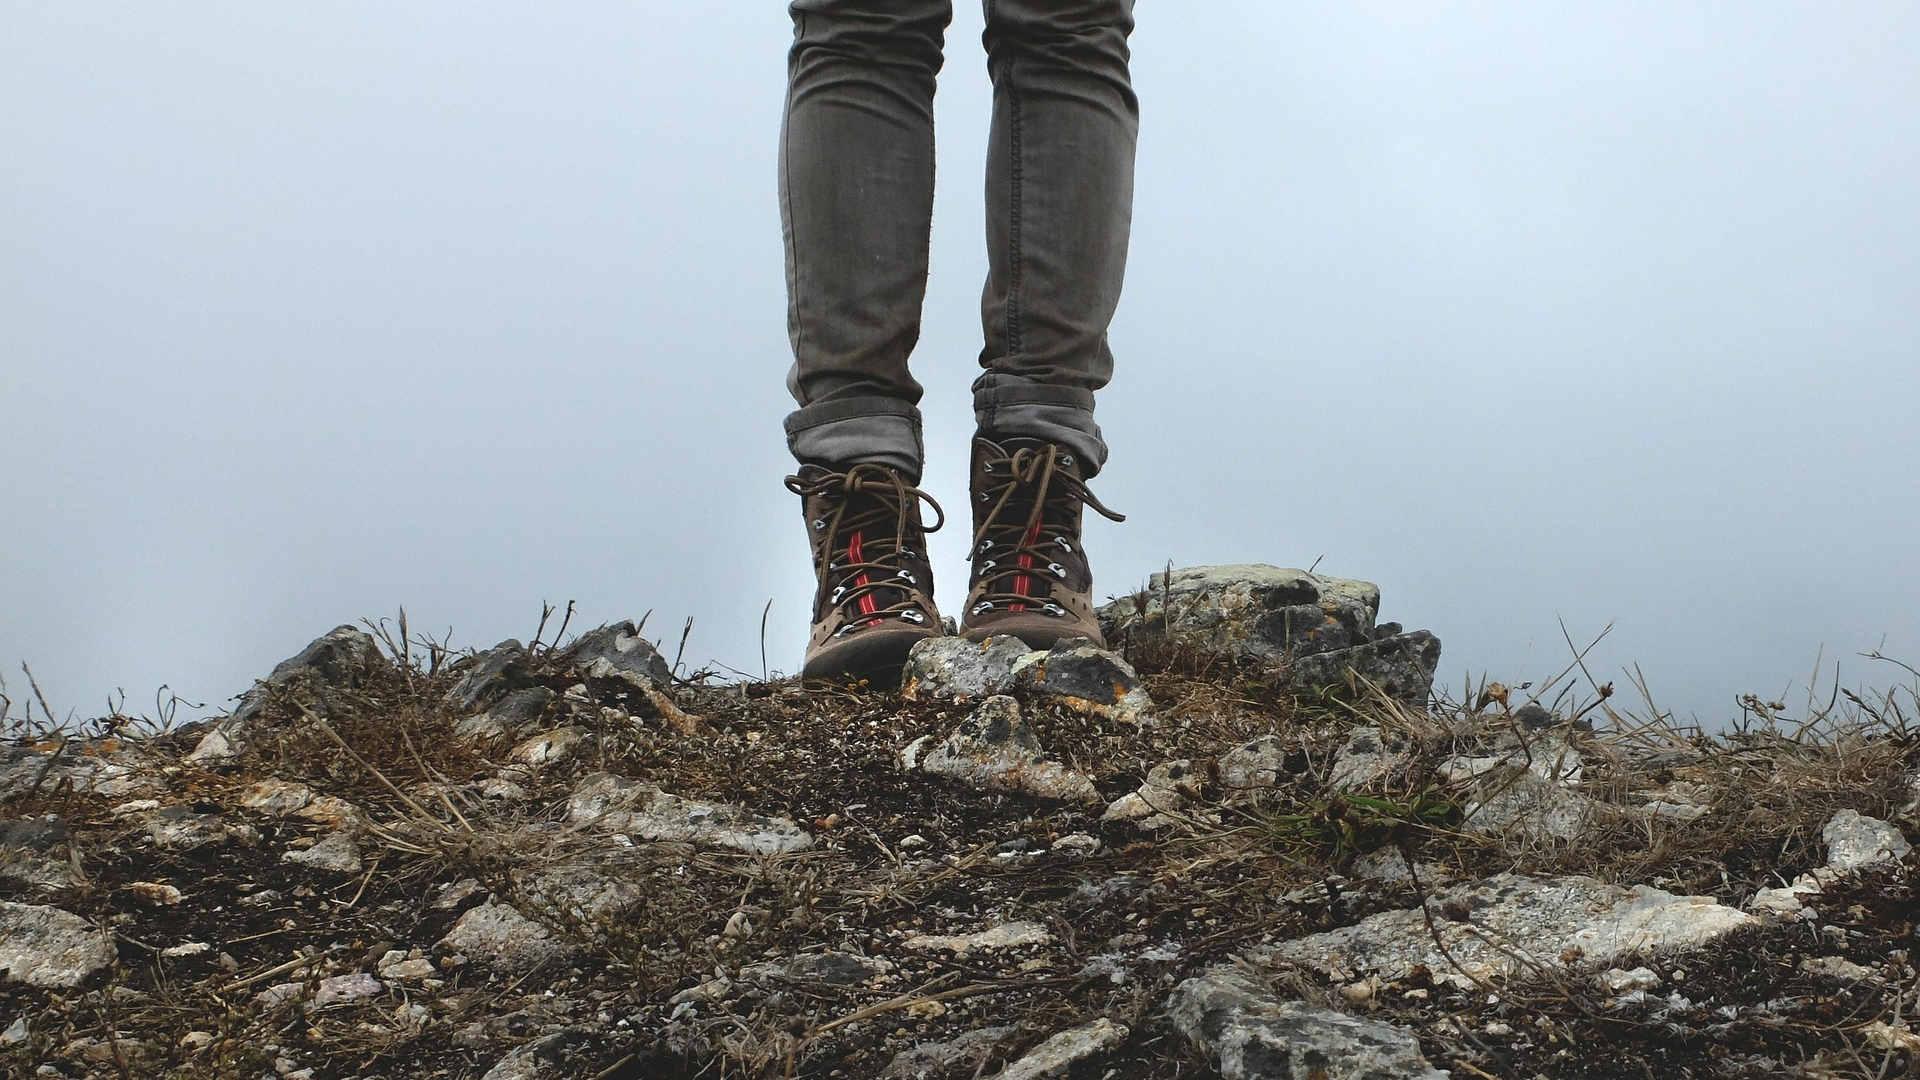 Wandern Ausrüstung: Tipps zum Wandern